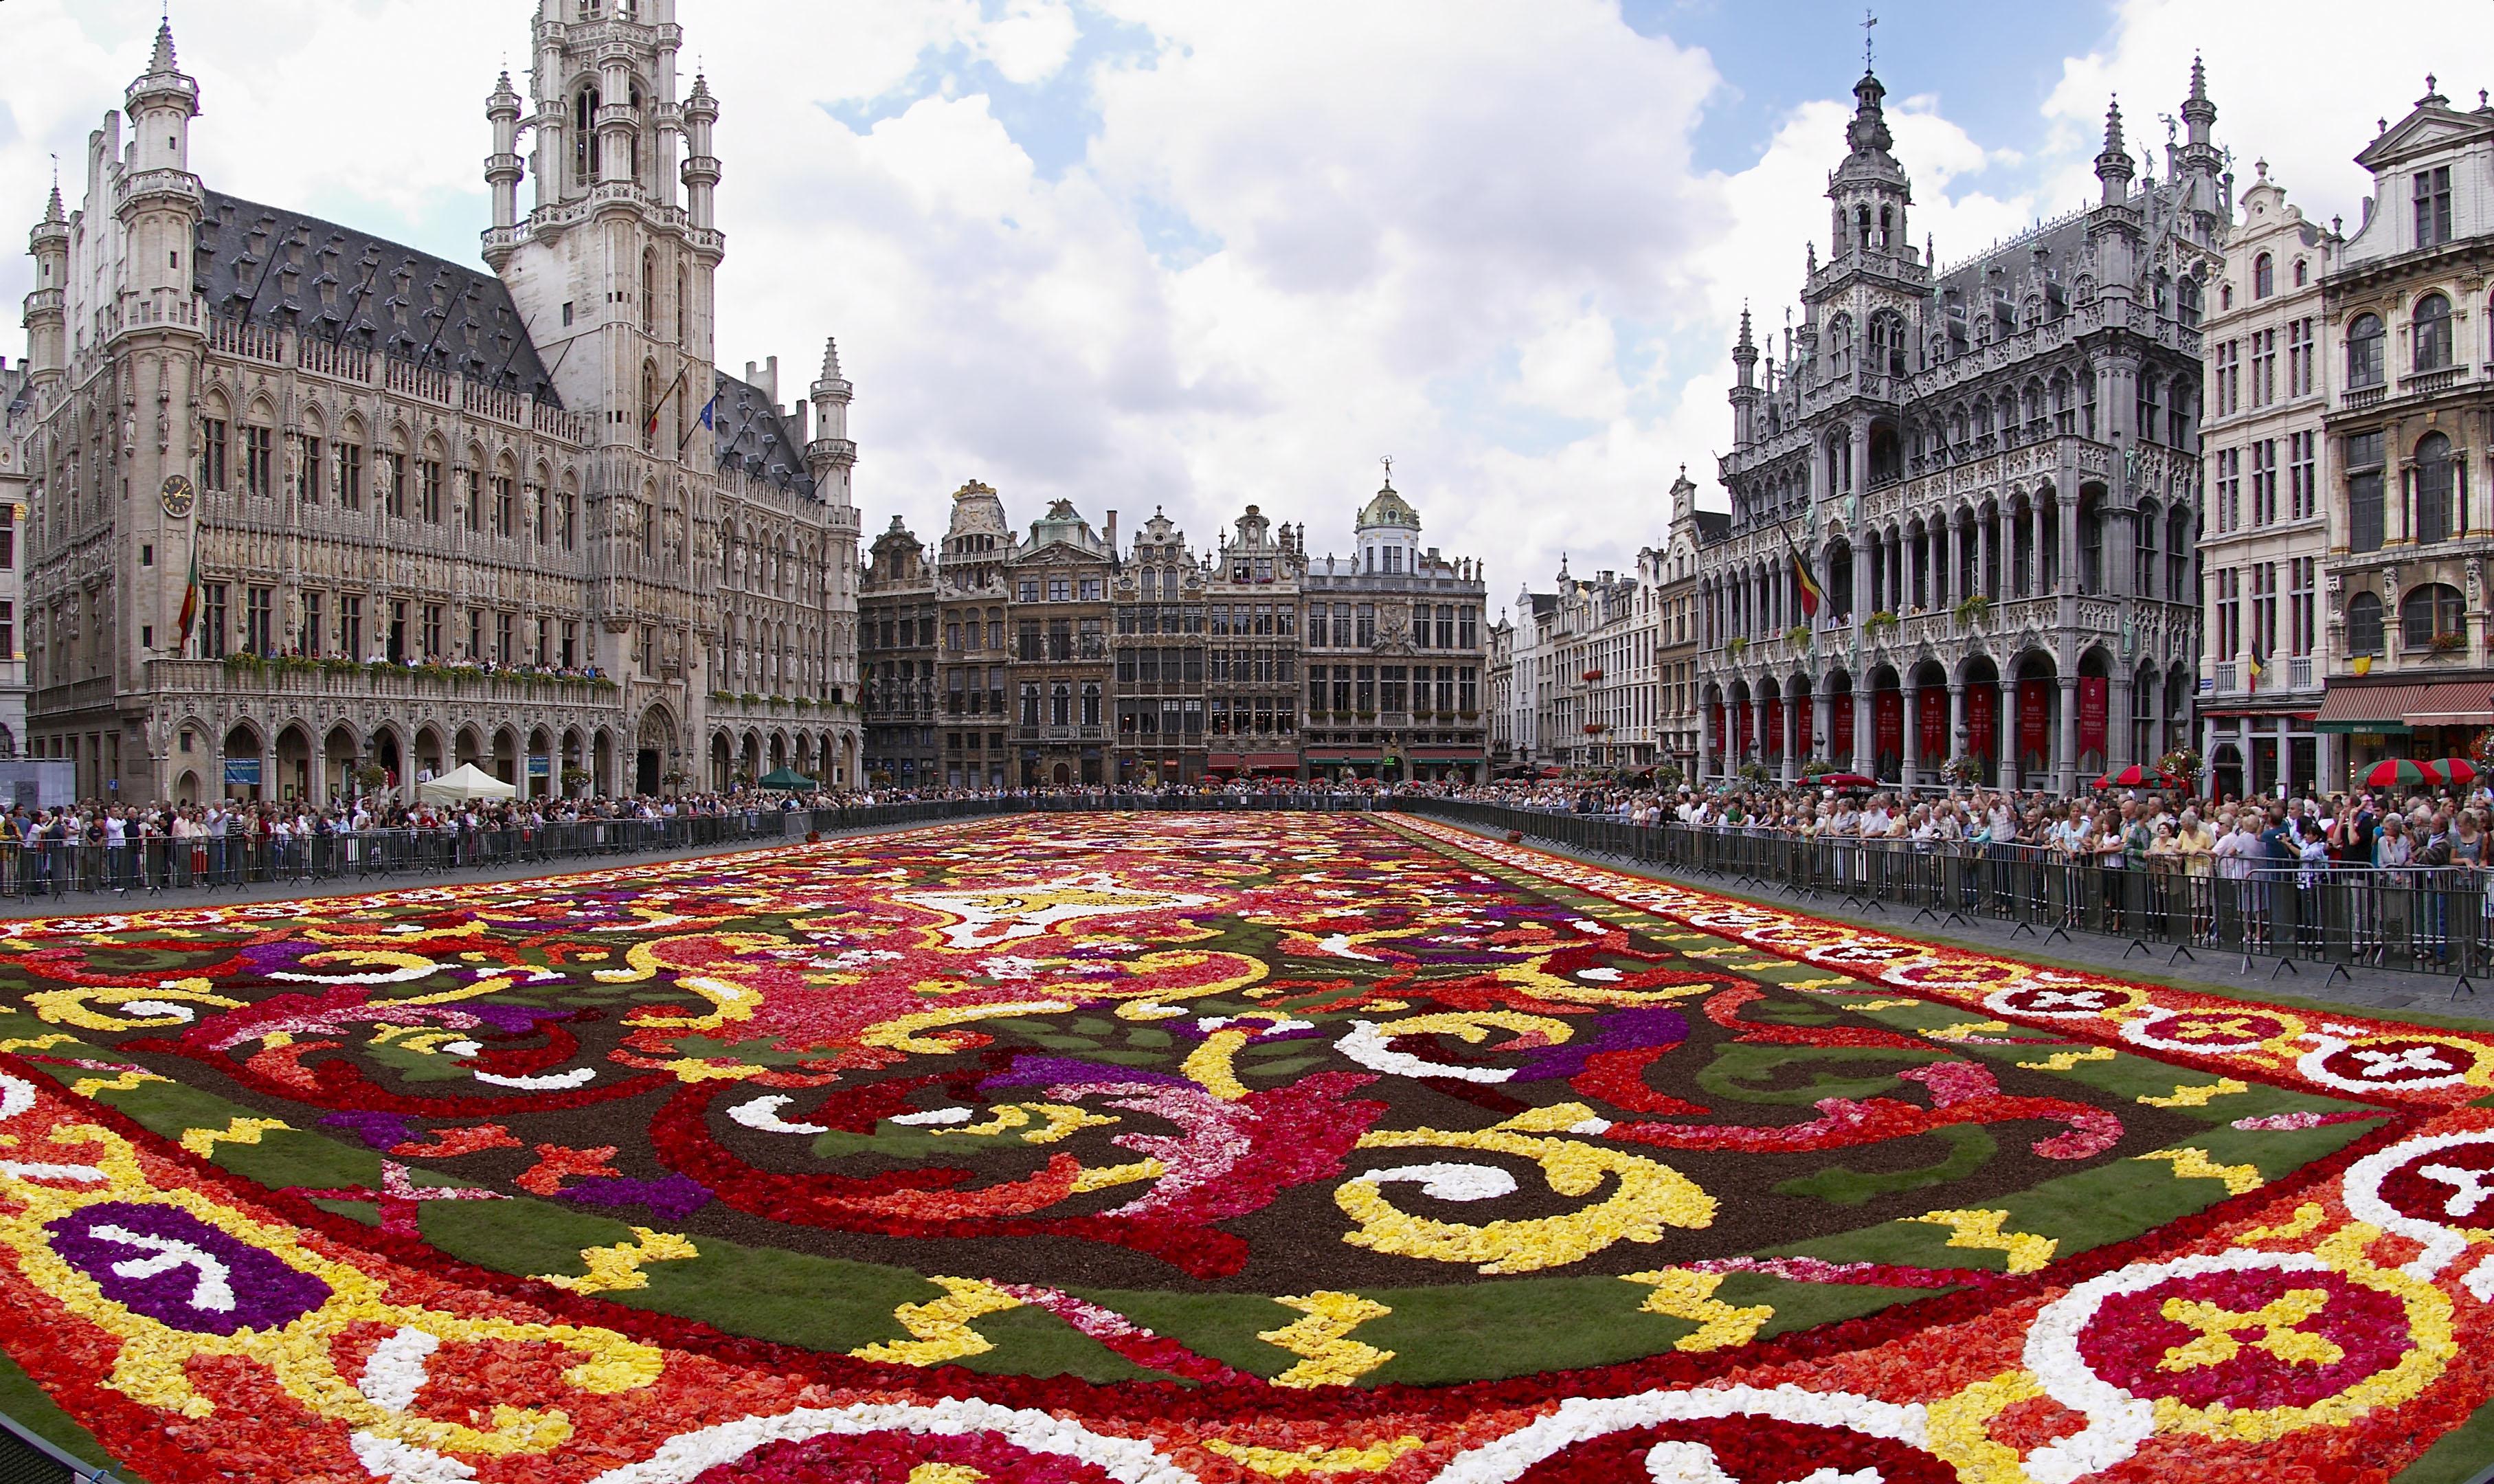 ¡En Bélgica! Los Días locos de Yoannito